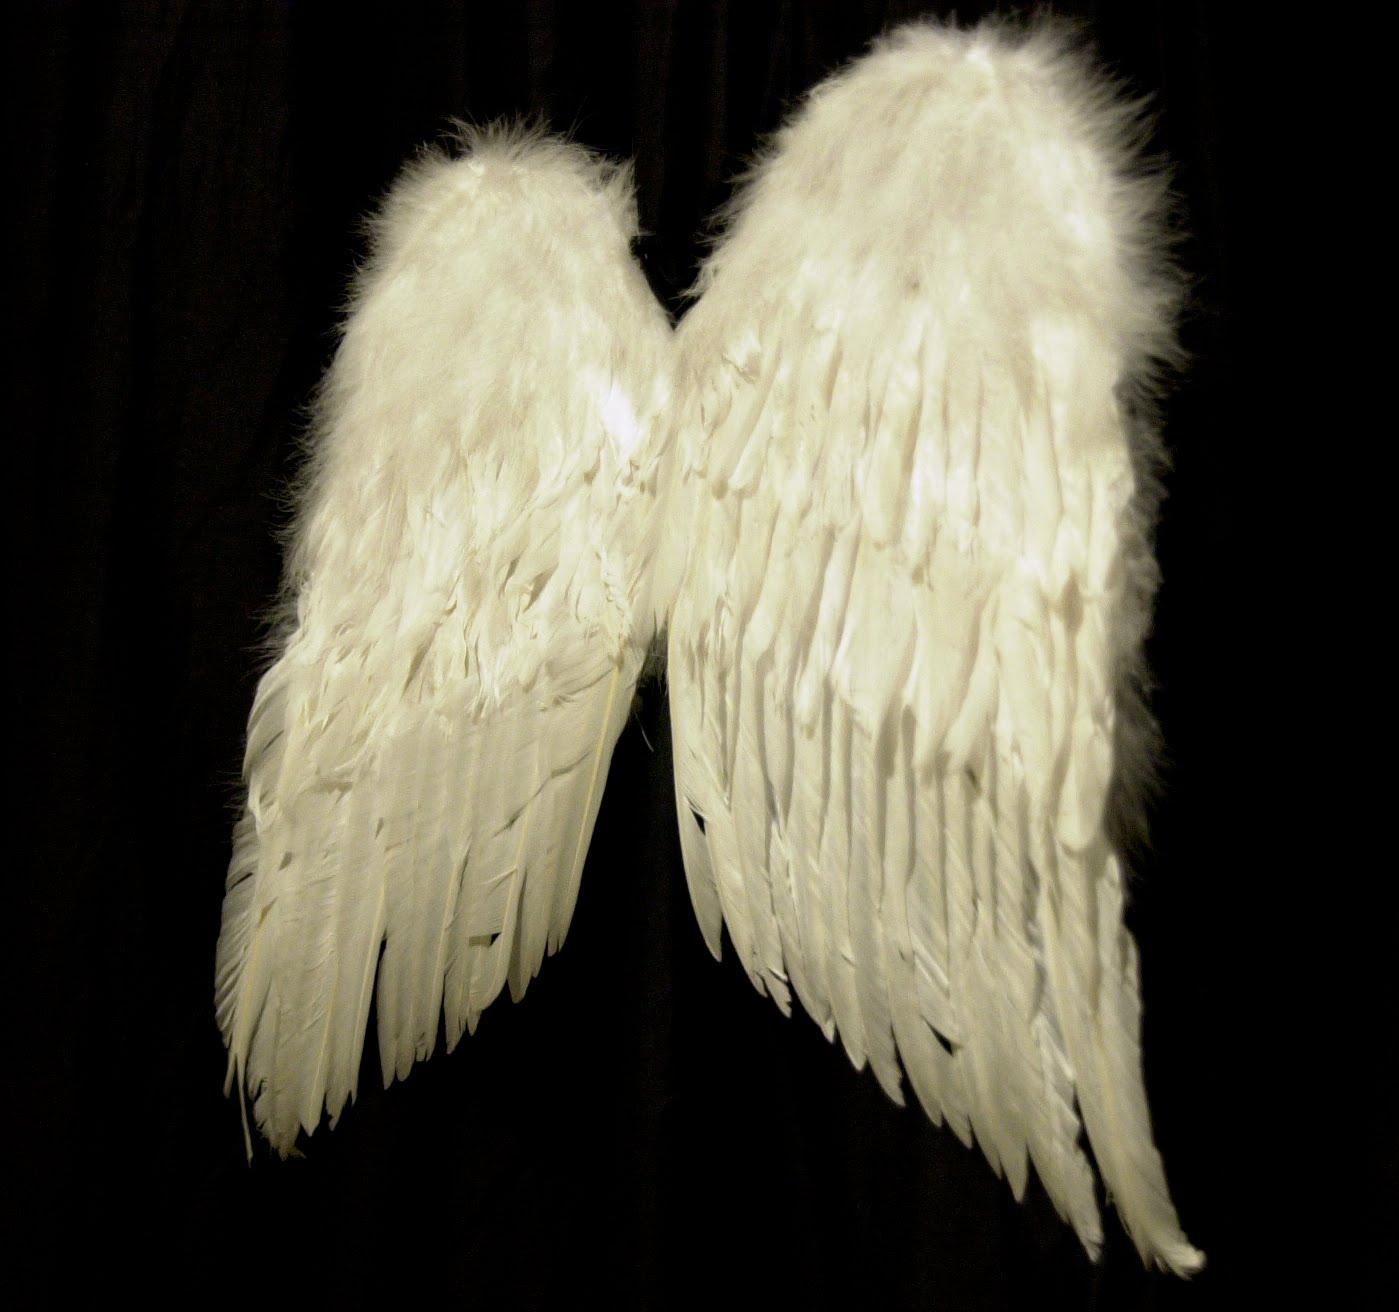 tak sampai atau cintanya tertolak seperti sayap sayap gibran yang